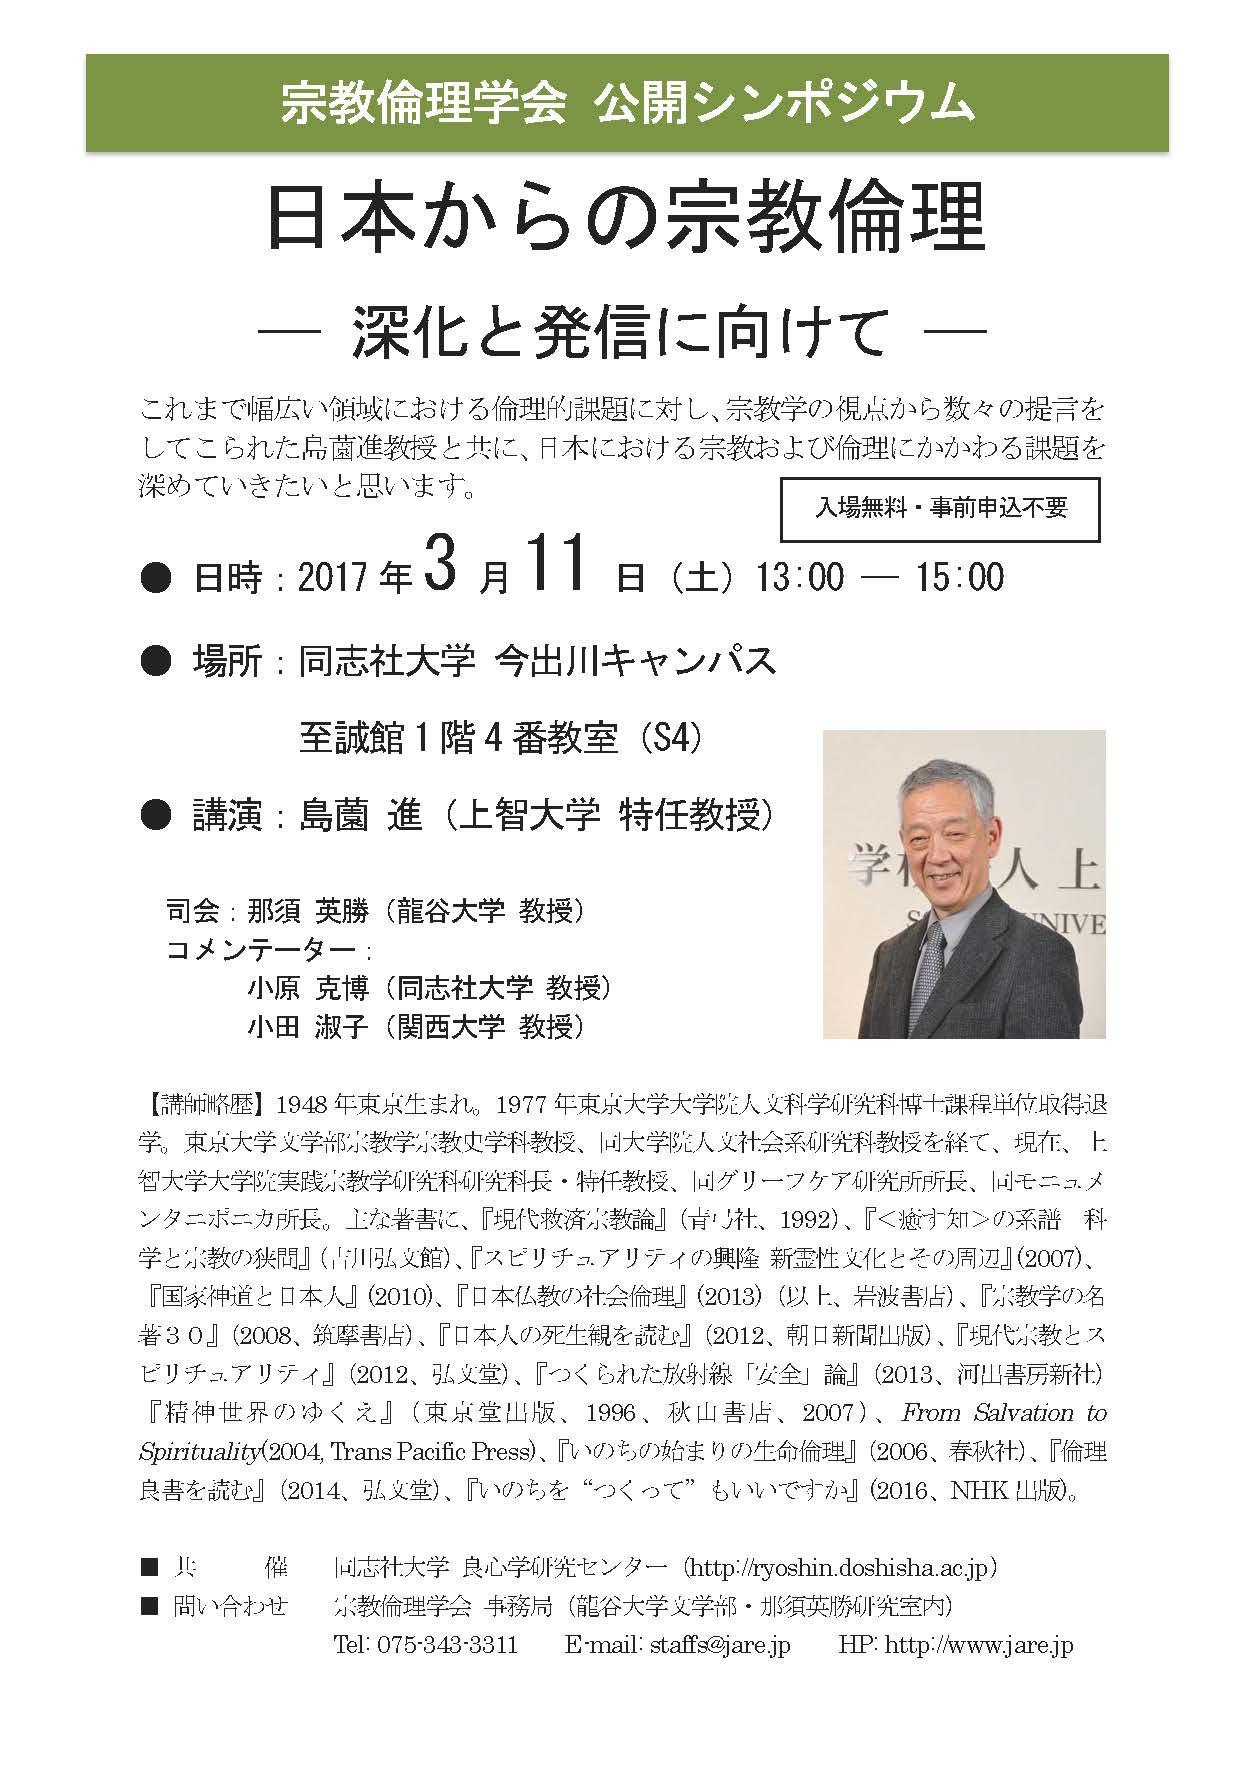 日本からの宗教倫理──深化と発信に向けて